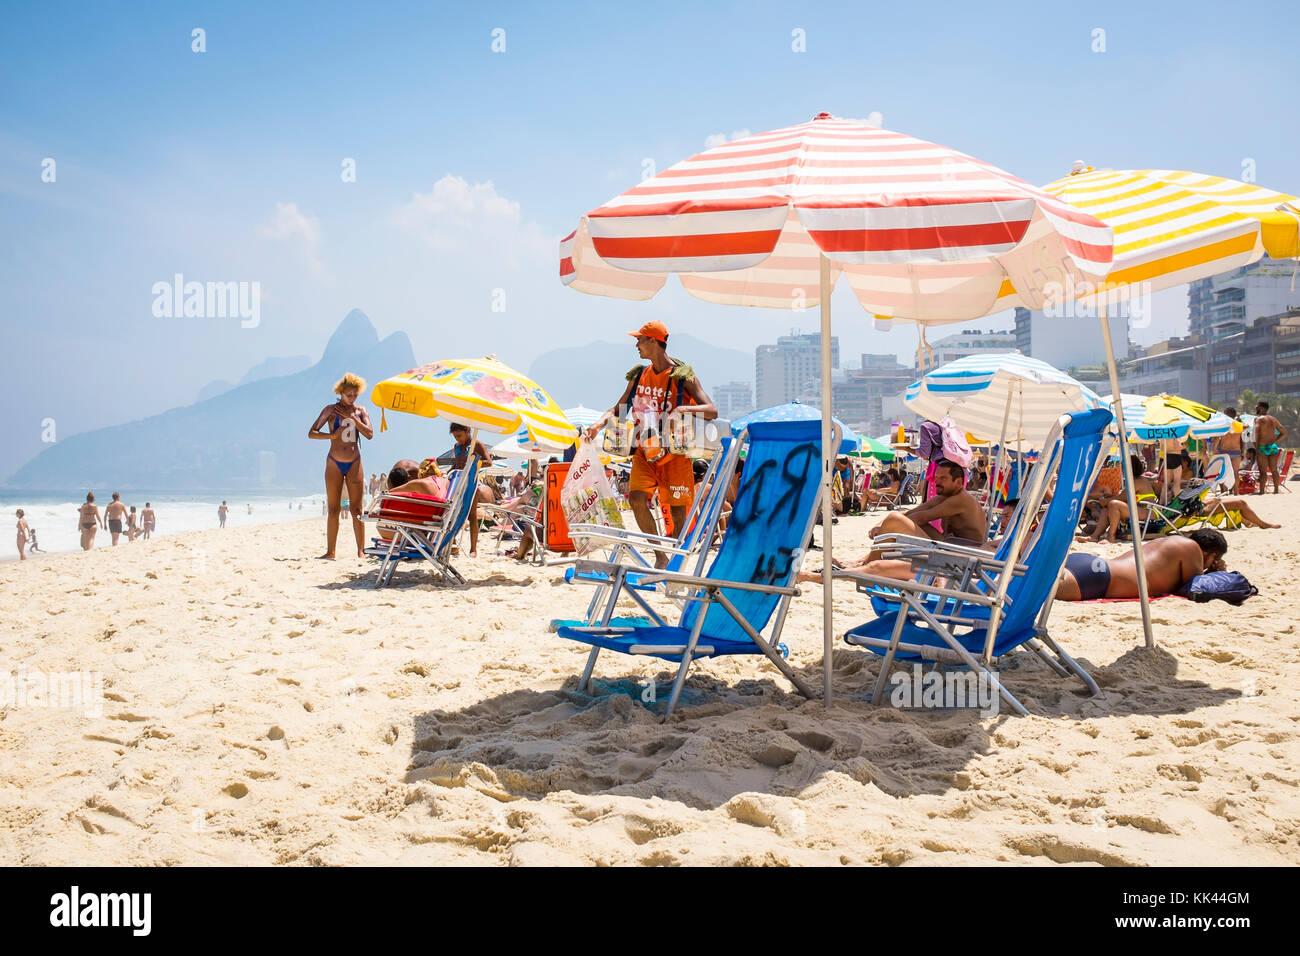 Rio de Janeiro - mars 06, 2016: une plage d'Amérique du Sud vente du vendeur mate thés et des Photo Stock